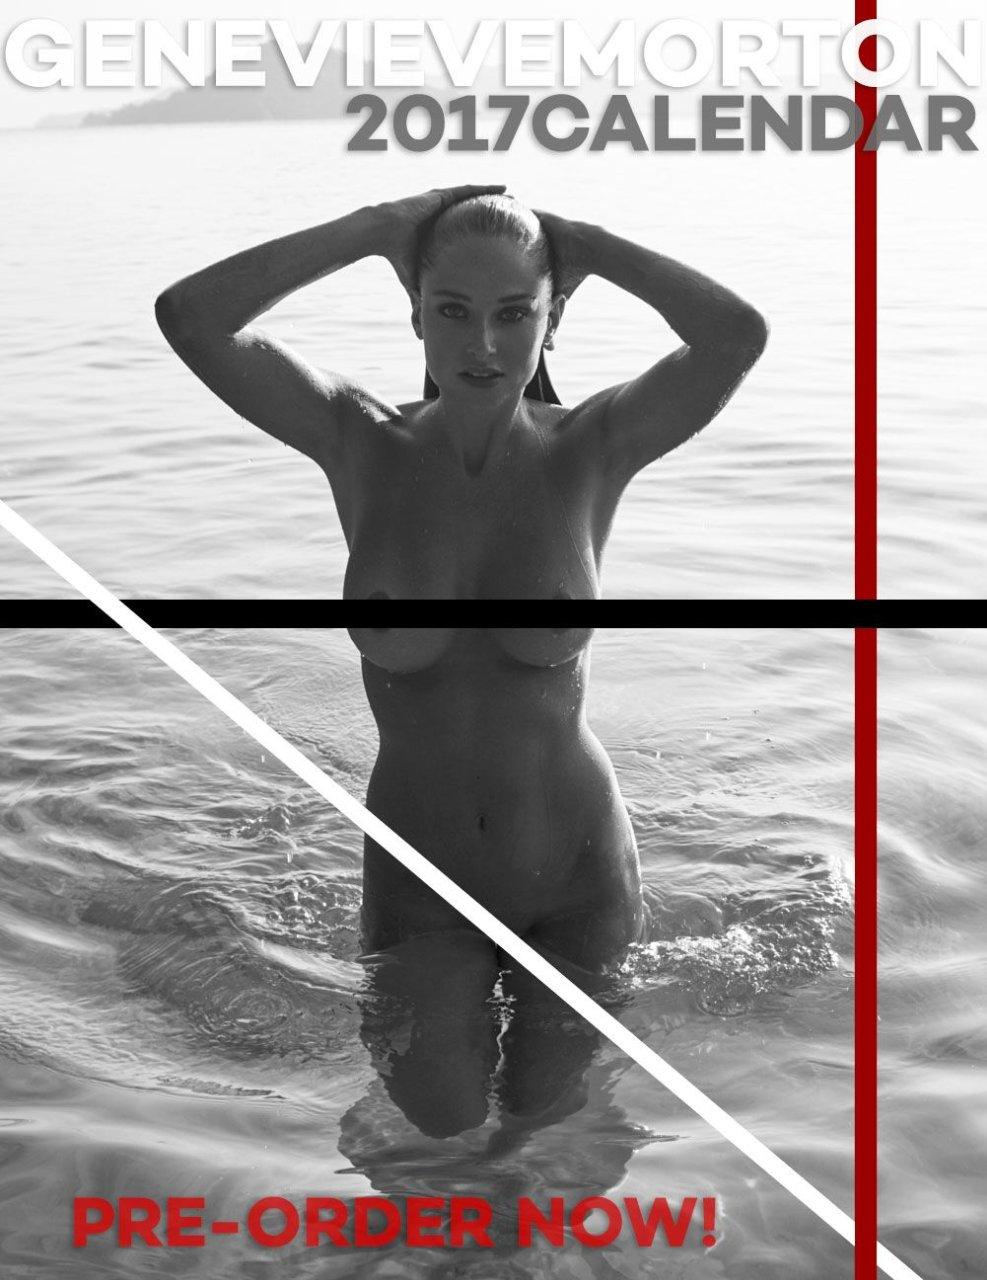 Genevieve morton nude 2 new photos post new pics